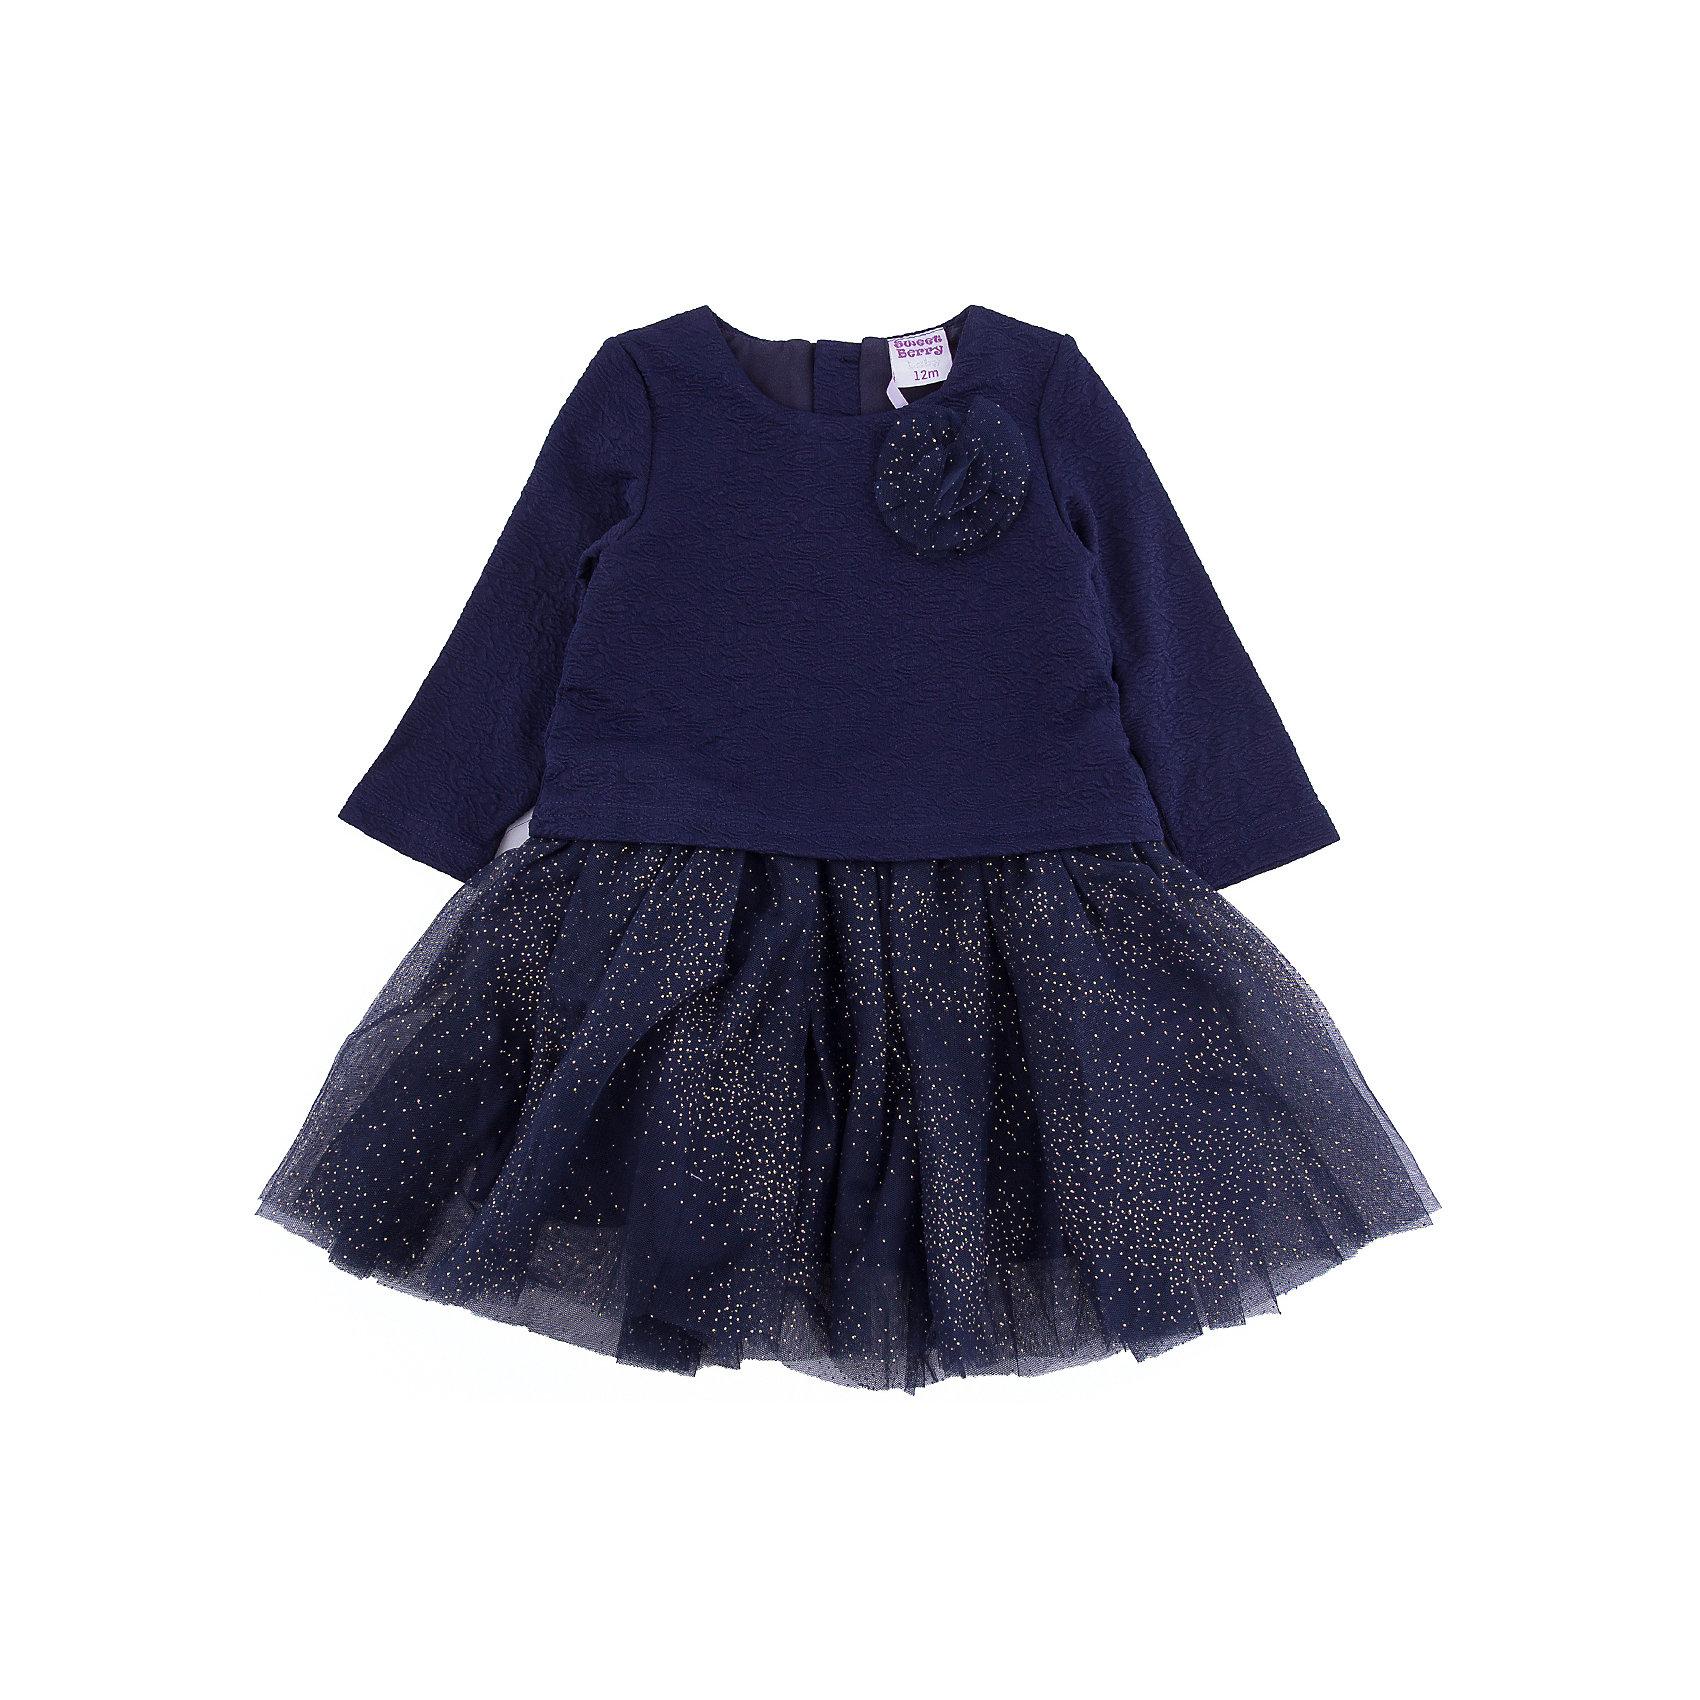 Платье Sweet Berry для девочкиПлатья<br>Платье Sweet Berry для девочки<br>Стильное платье для девочки с округлым вырезом, длинным рукавом декорированное цветком и фатиновой юбочкой с блестками. Хлопковая подкладка. Застежка на спинке на кнопках.<br>Состав:<br>Основная ткань: 100% полиэстер Подкладка: 100% хлопок<br><br>Ширина мм: 236<br>Глубина мм: 16<br>Высота мм: 184<br>Вес г: 177<br>Цвет: синий<br>Возраст от месяцев: 24<br>Возраст до месяцев: 36<br>Пол: Женский<br>Возраст: Детский<br>Размер: 98,80,86,92<br>SKU: 7094353